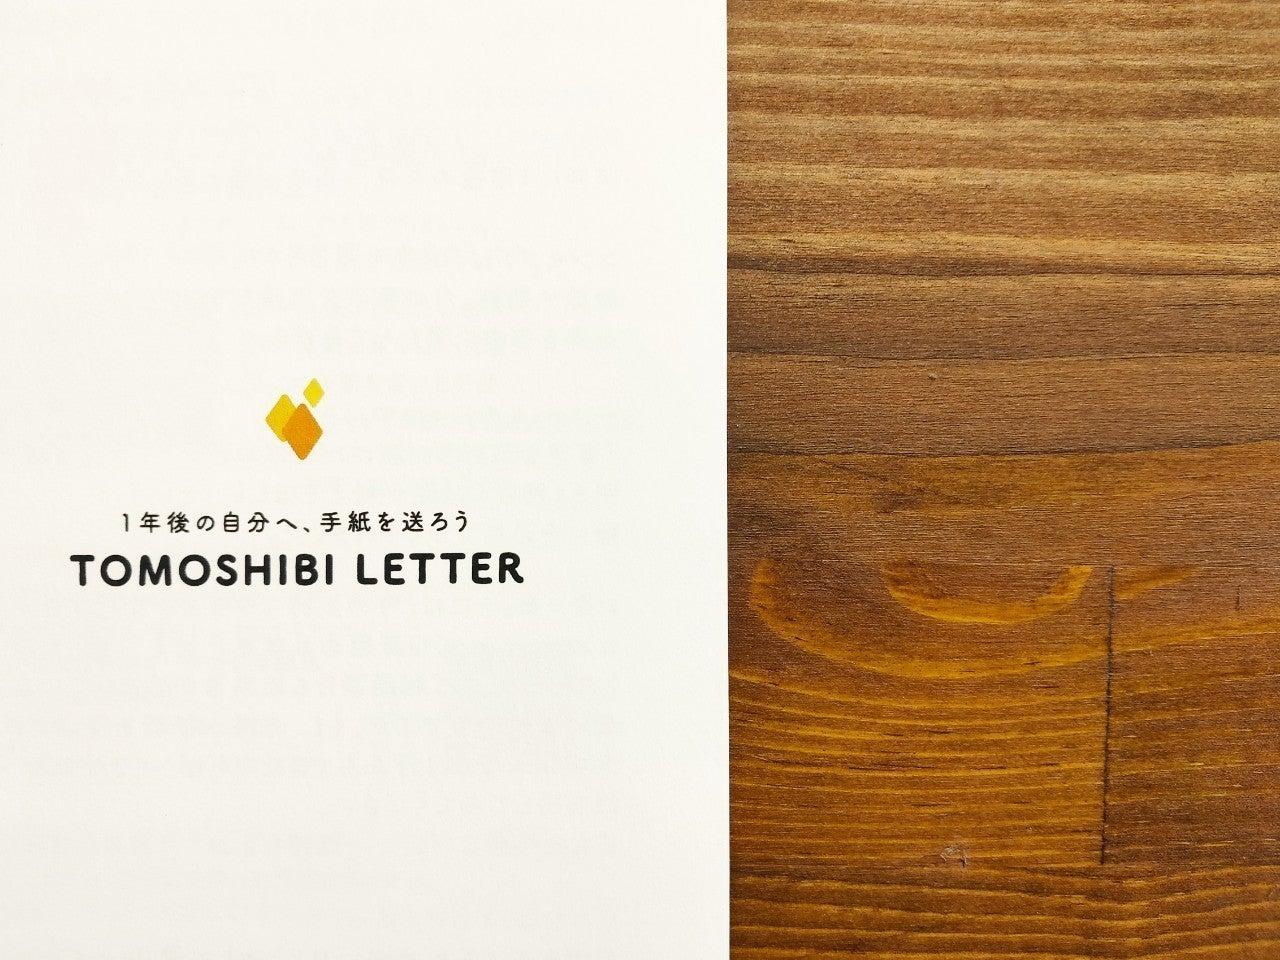 一年後の自分や大切な人へ送れる手紙『TOMOSHIBI LETTER』が新しくなりました!